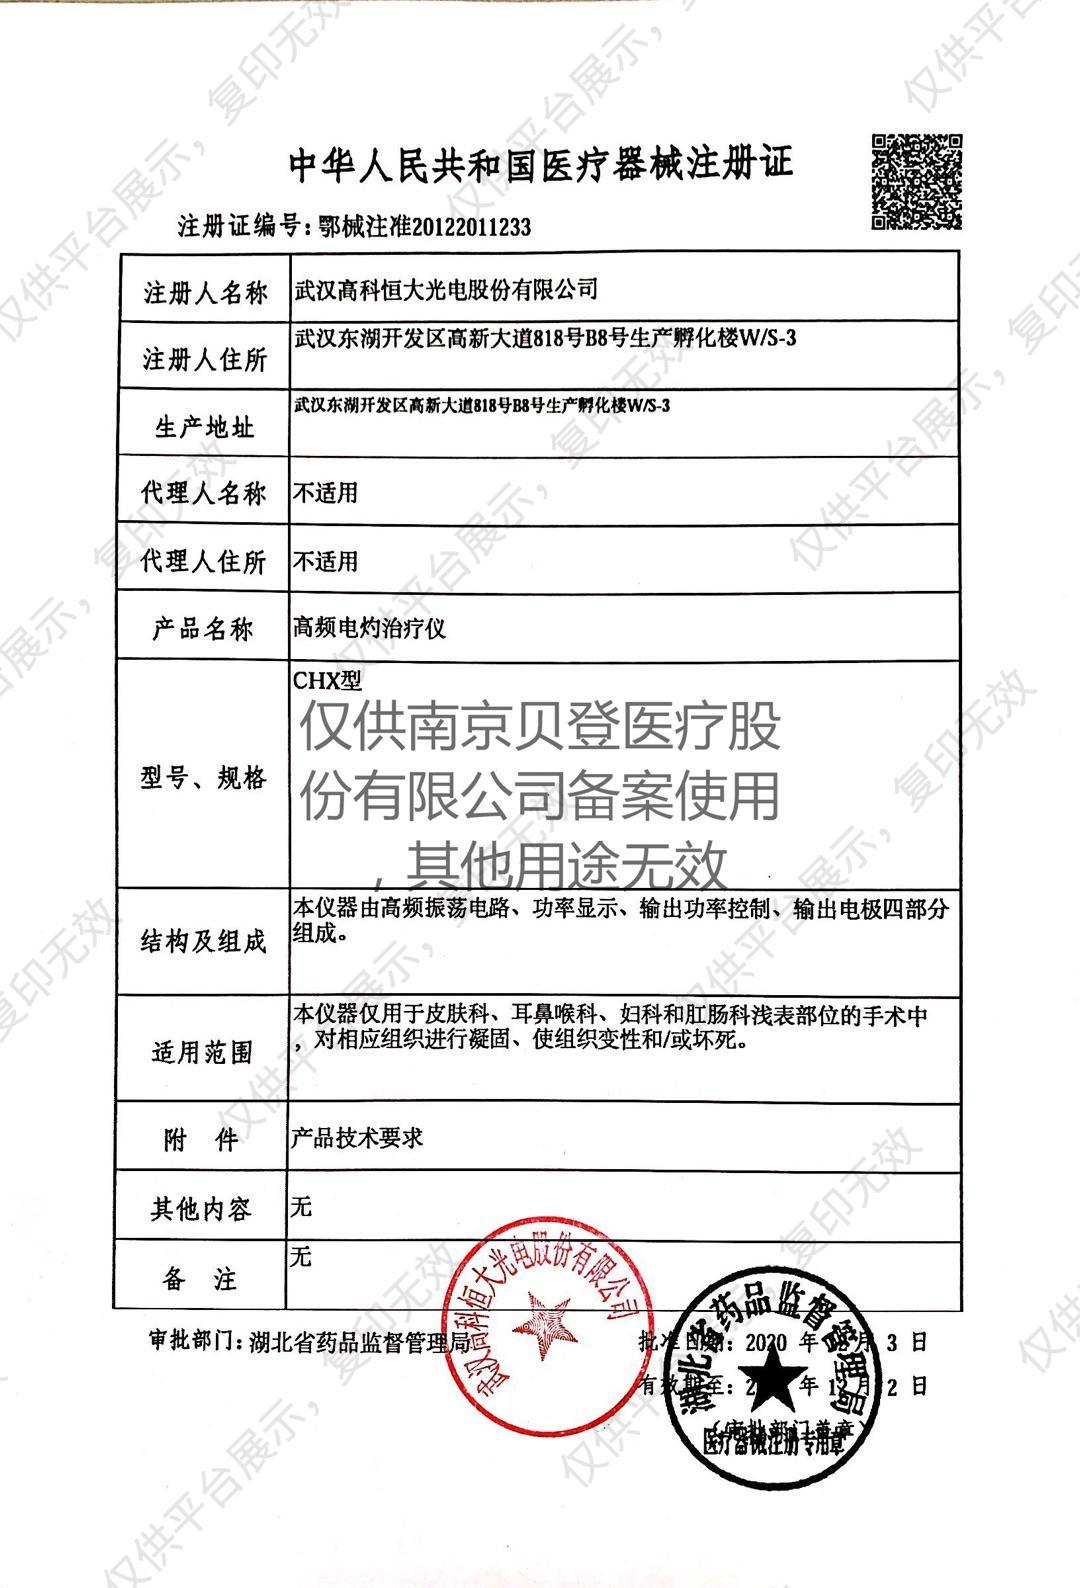 高科恒大 高频电灼治疗仪 CHX型注册证